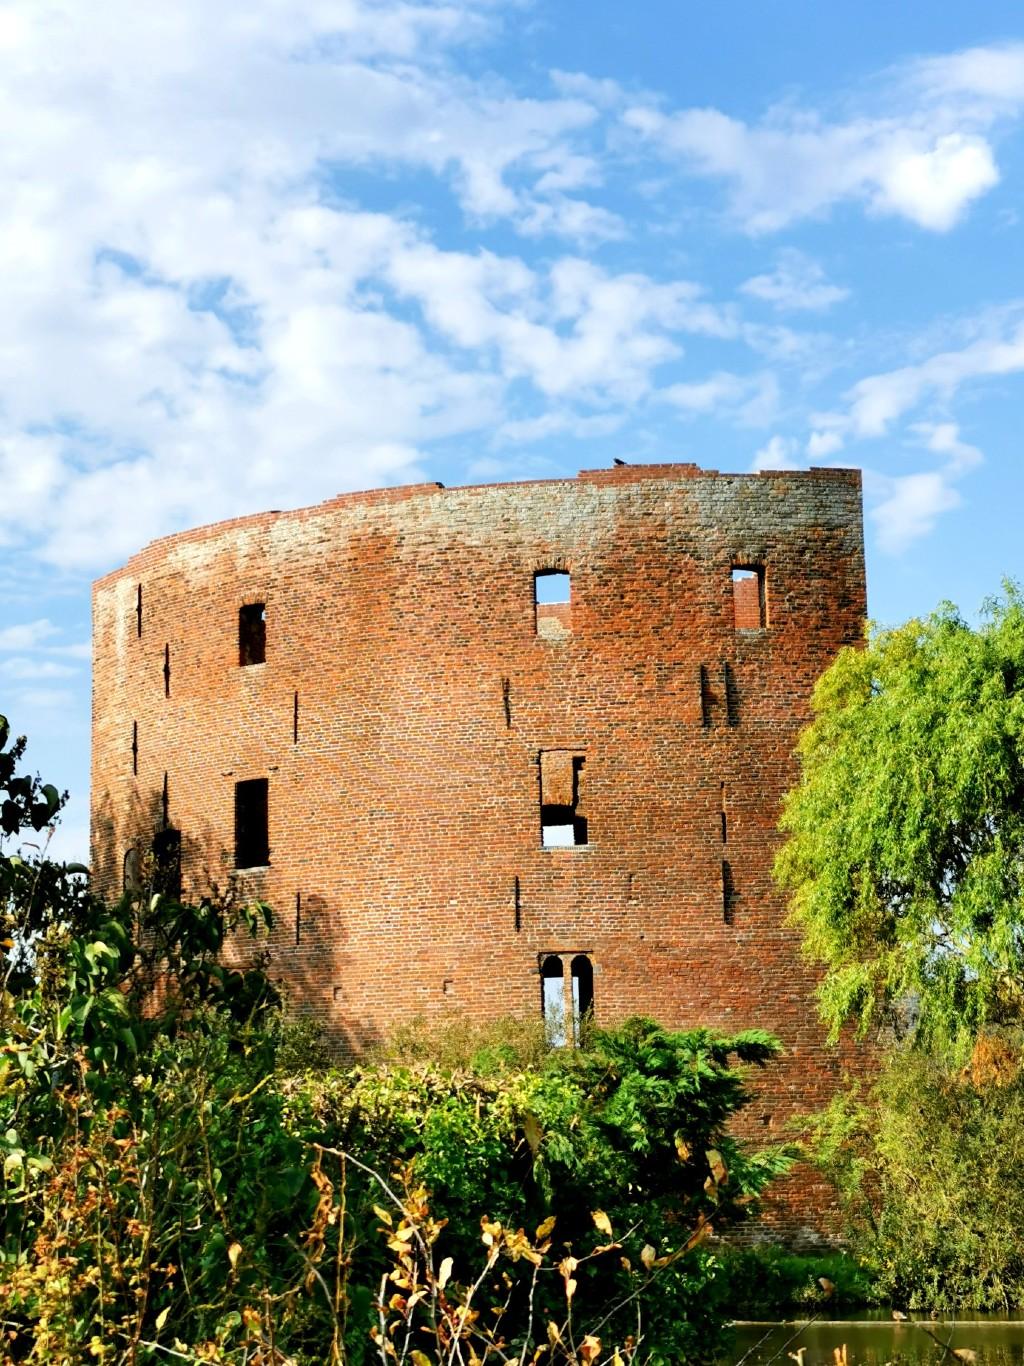 ruine van teijlingen, ruine, erfgoed, teijlingen, zuid-holland